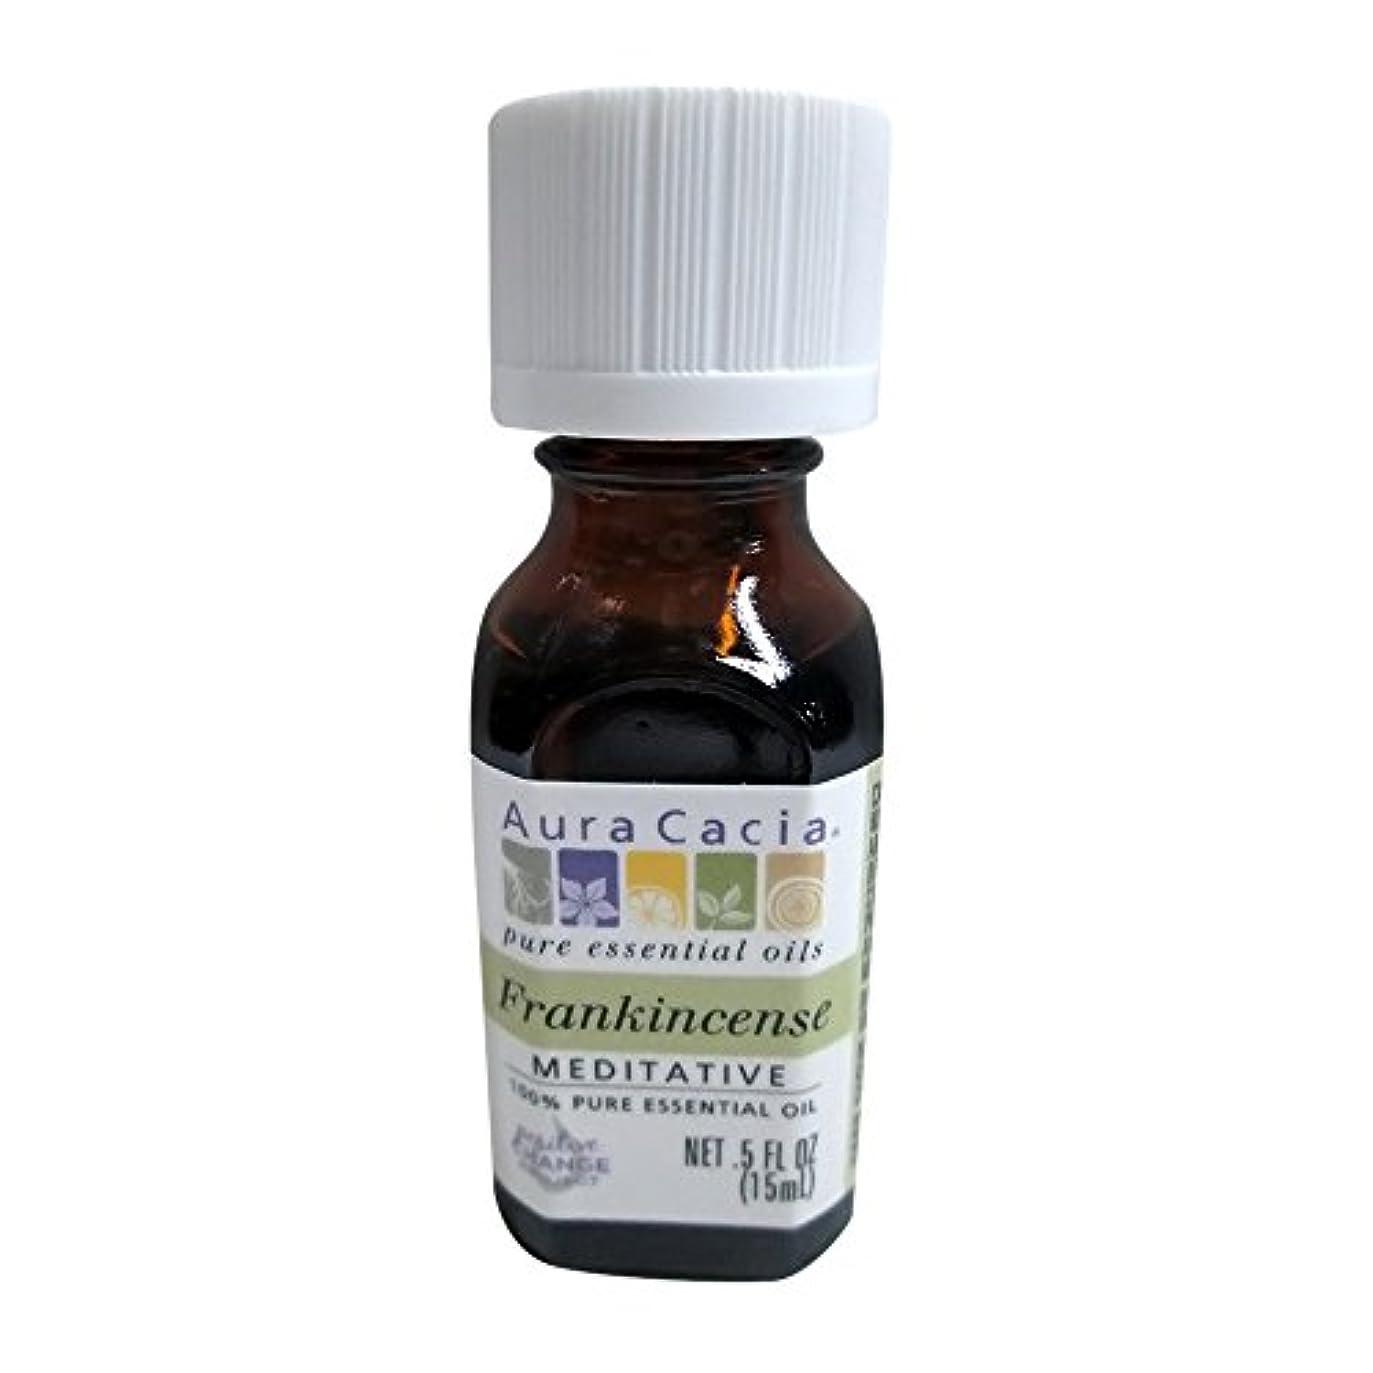 宣言化学者はしごAura Cacia Frankincense Essential Oil 15 ml (並行輸入品)